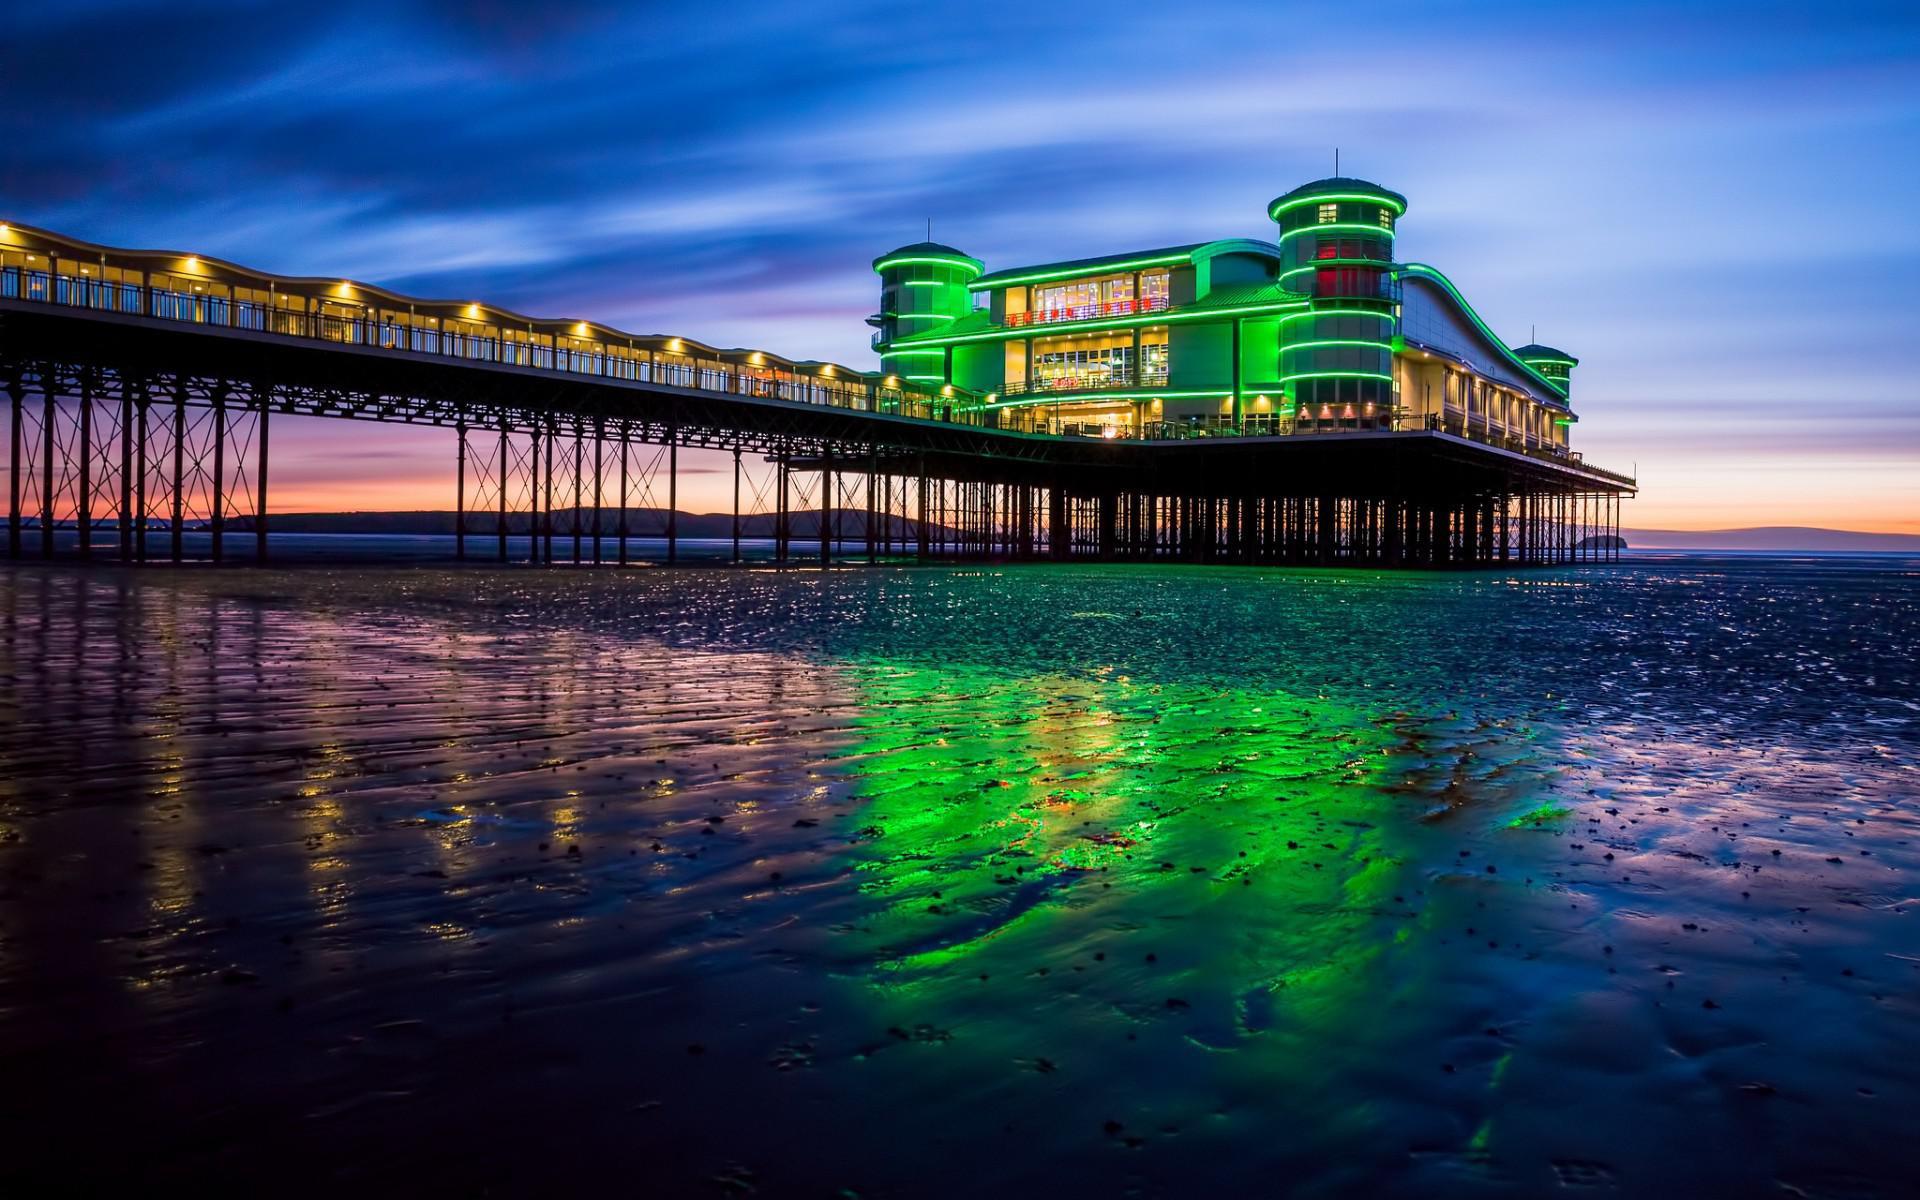 Uk England Beach Bay Sea Pier Lights Evening Sunset - England Beaches At Night - HD Wallpaper